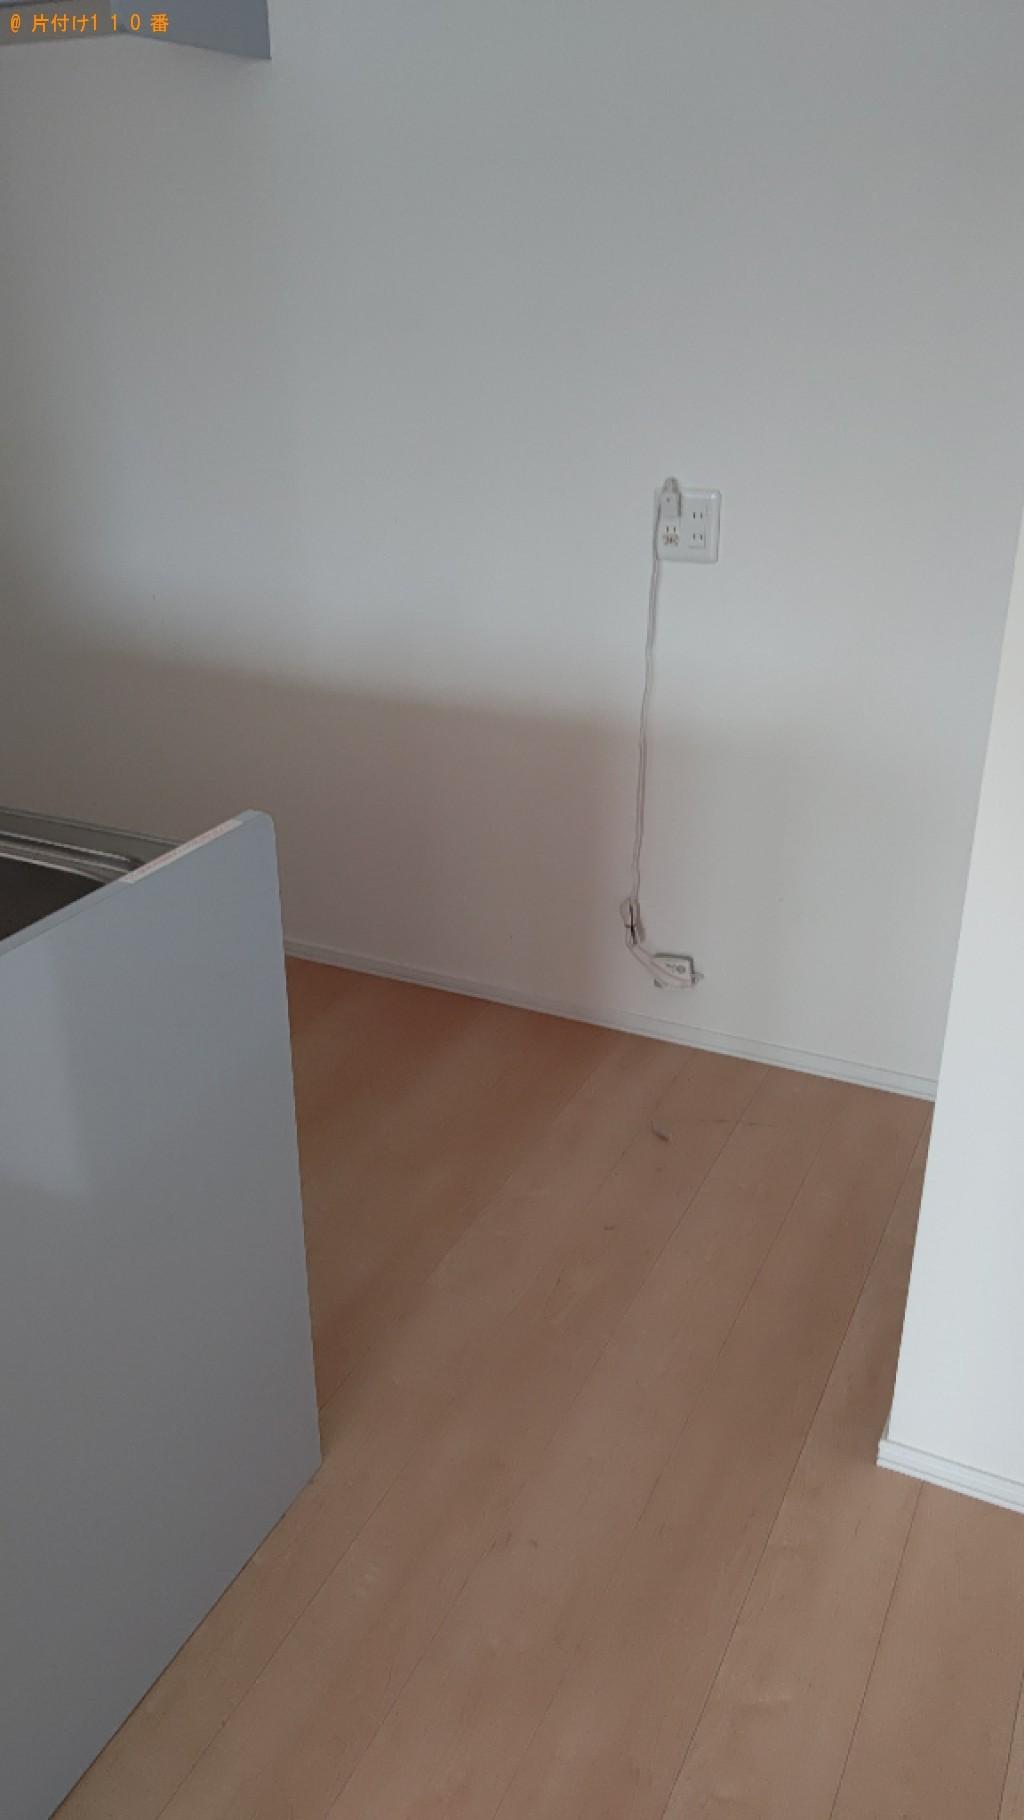 【山形市】冷蔵庫、椅子、テーブル、メタルラック等の回収・処分